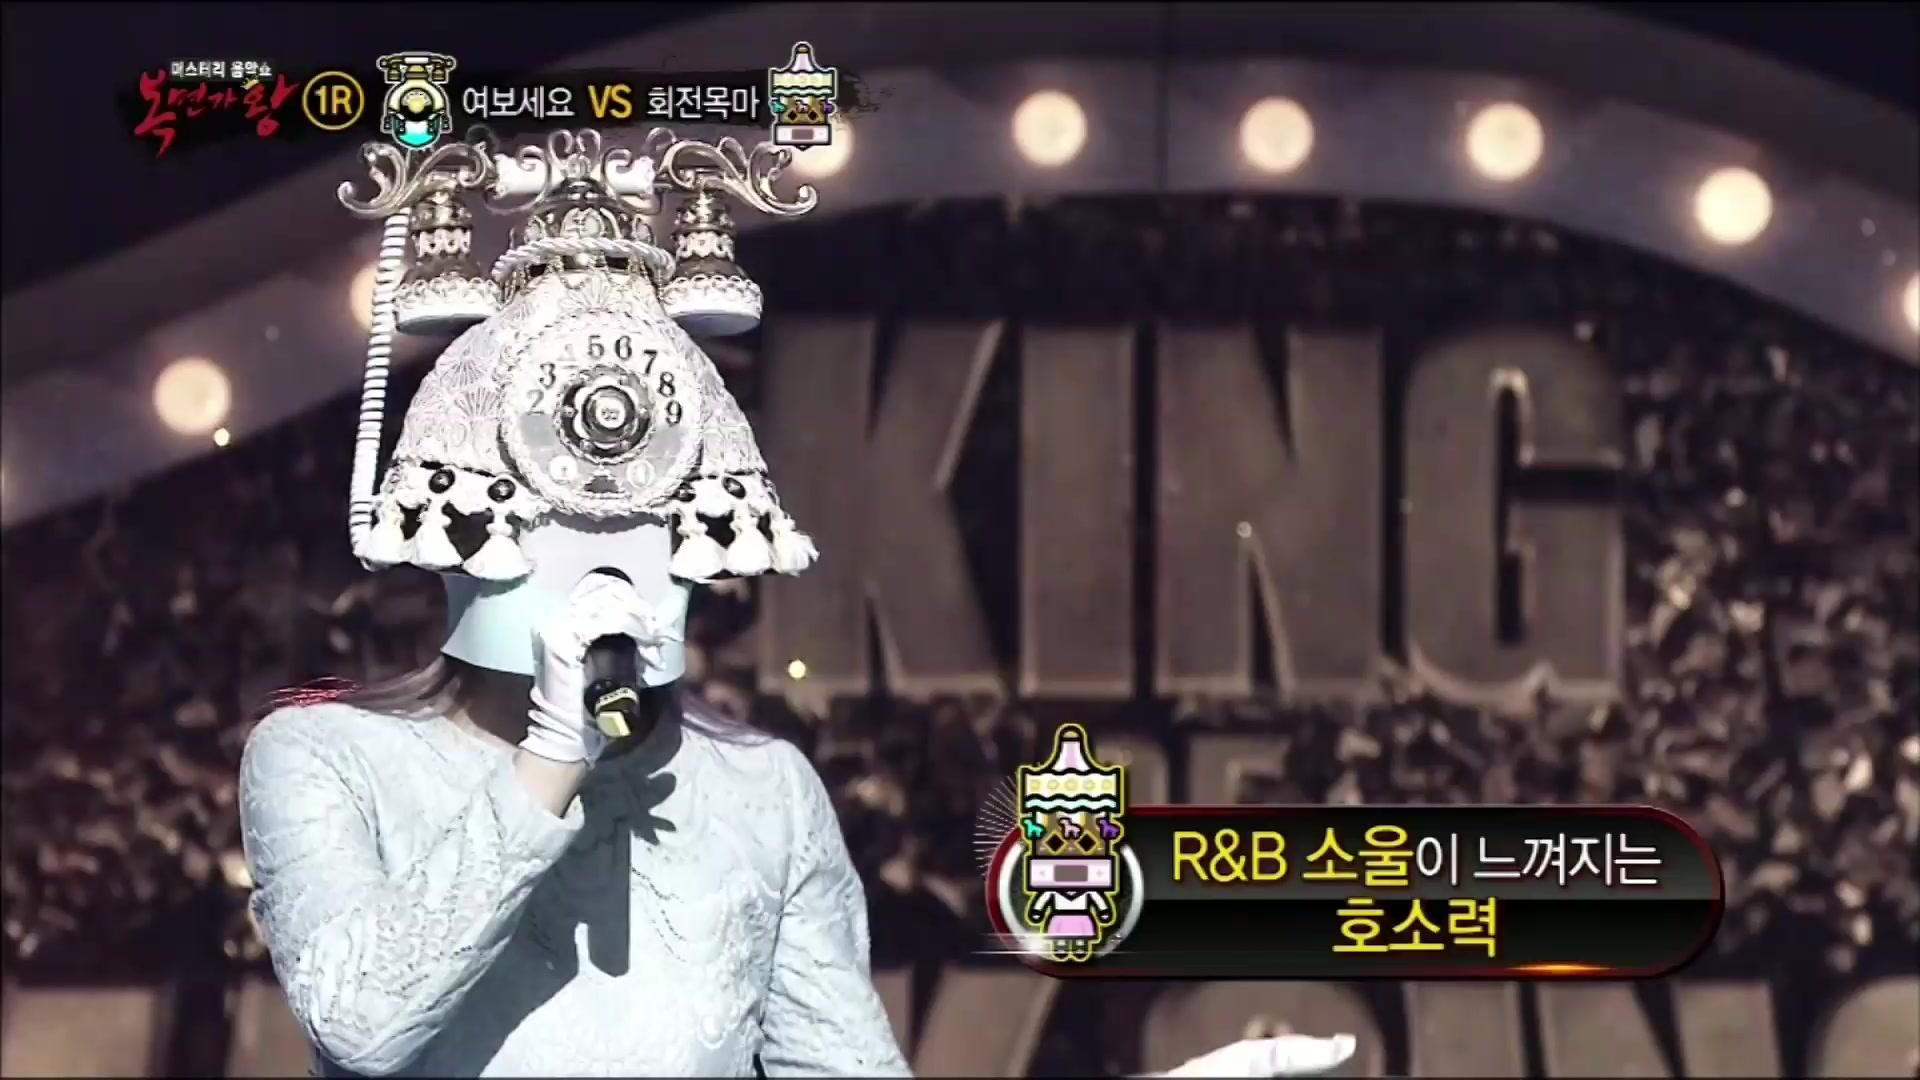 King of Masked Singer Episode 93